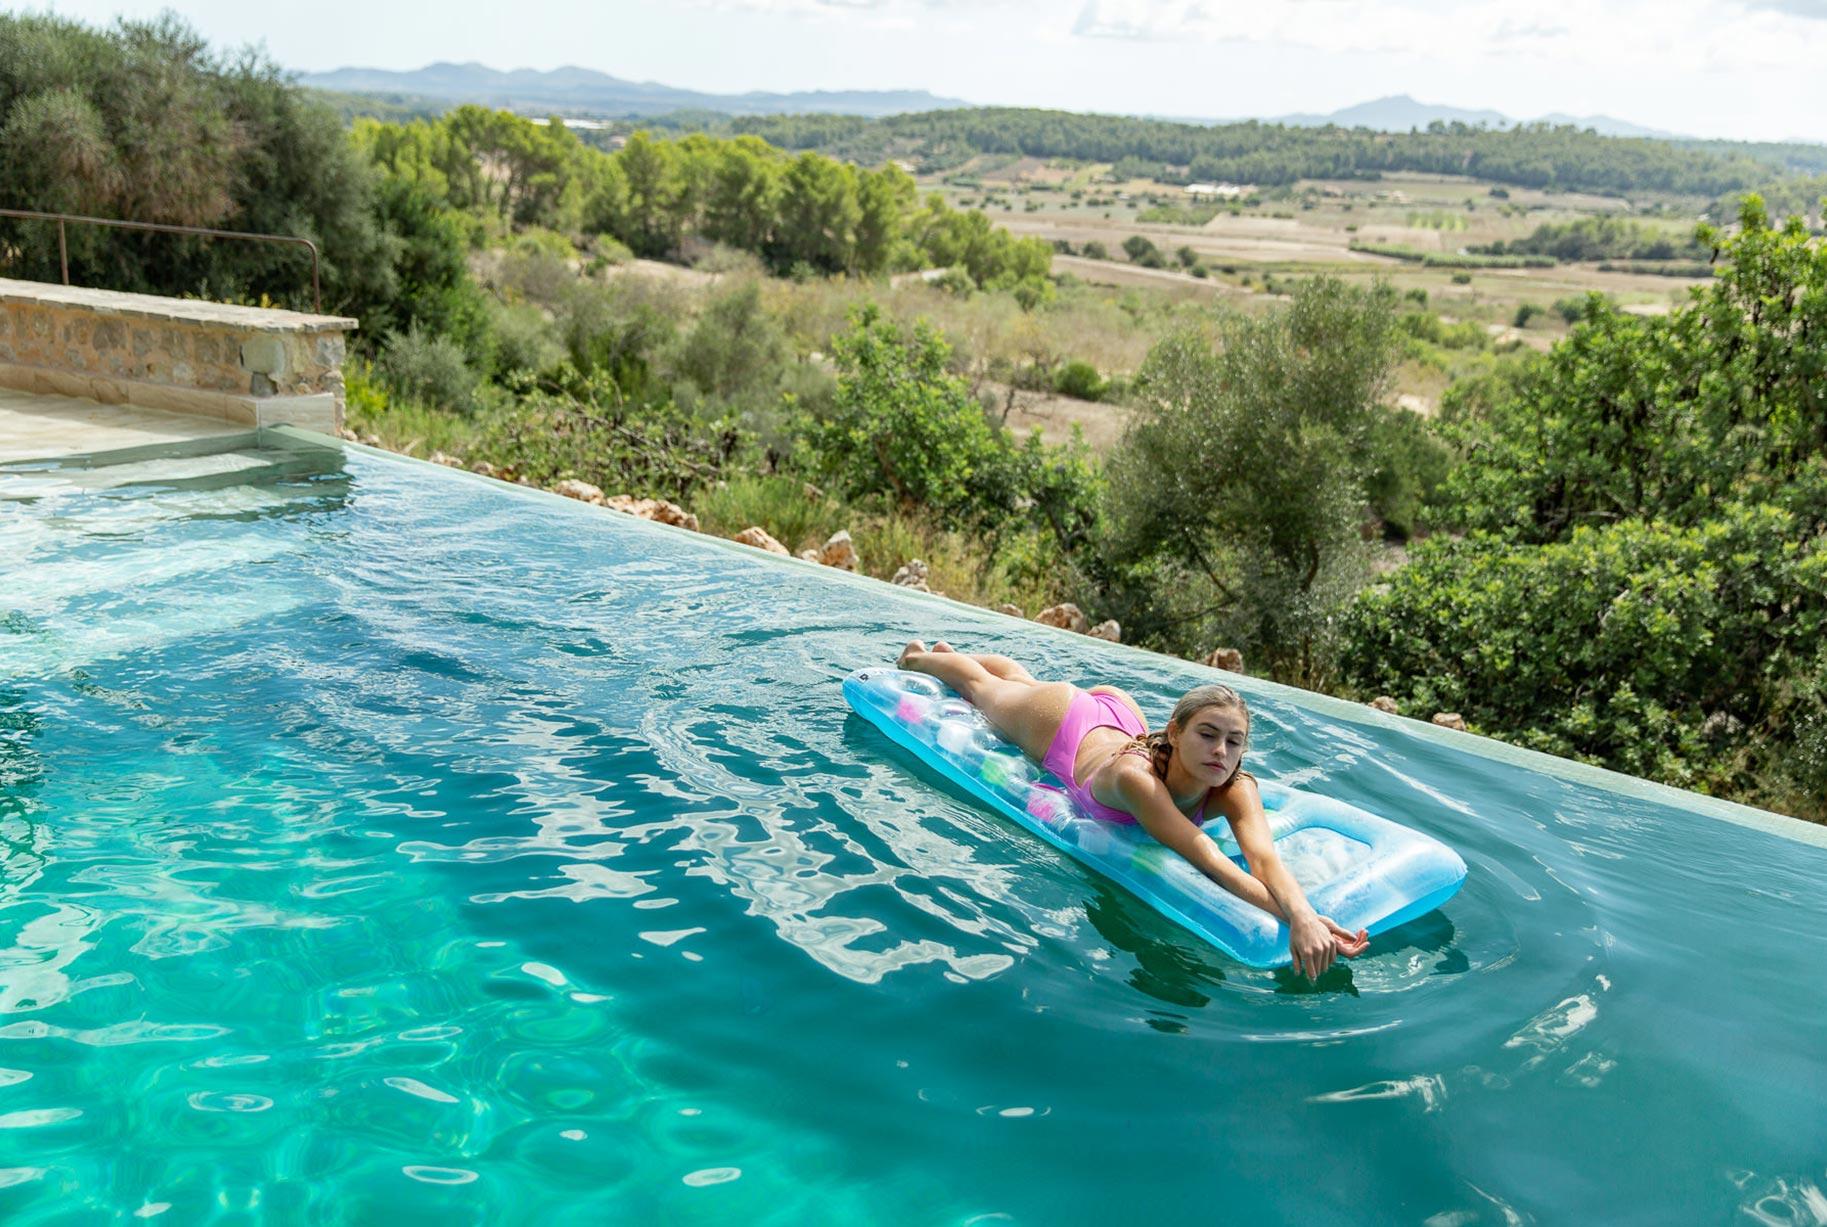 Блэйр Синно в купальниках модного бренда OceanChild Swimwear отдыхает у бассейна на Майорке / фото 12